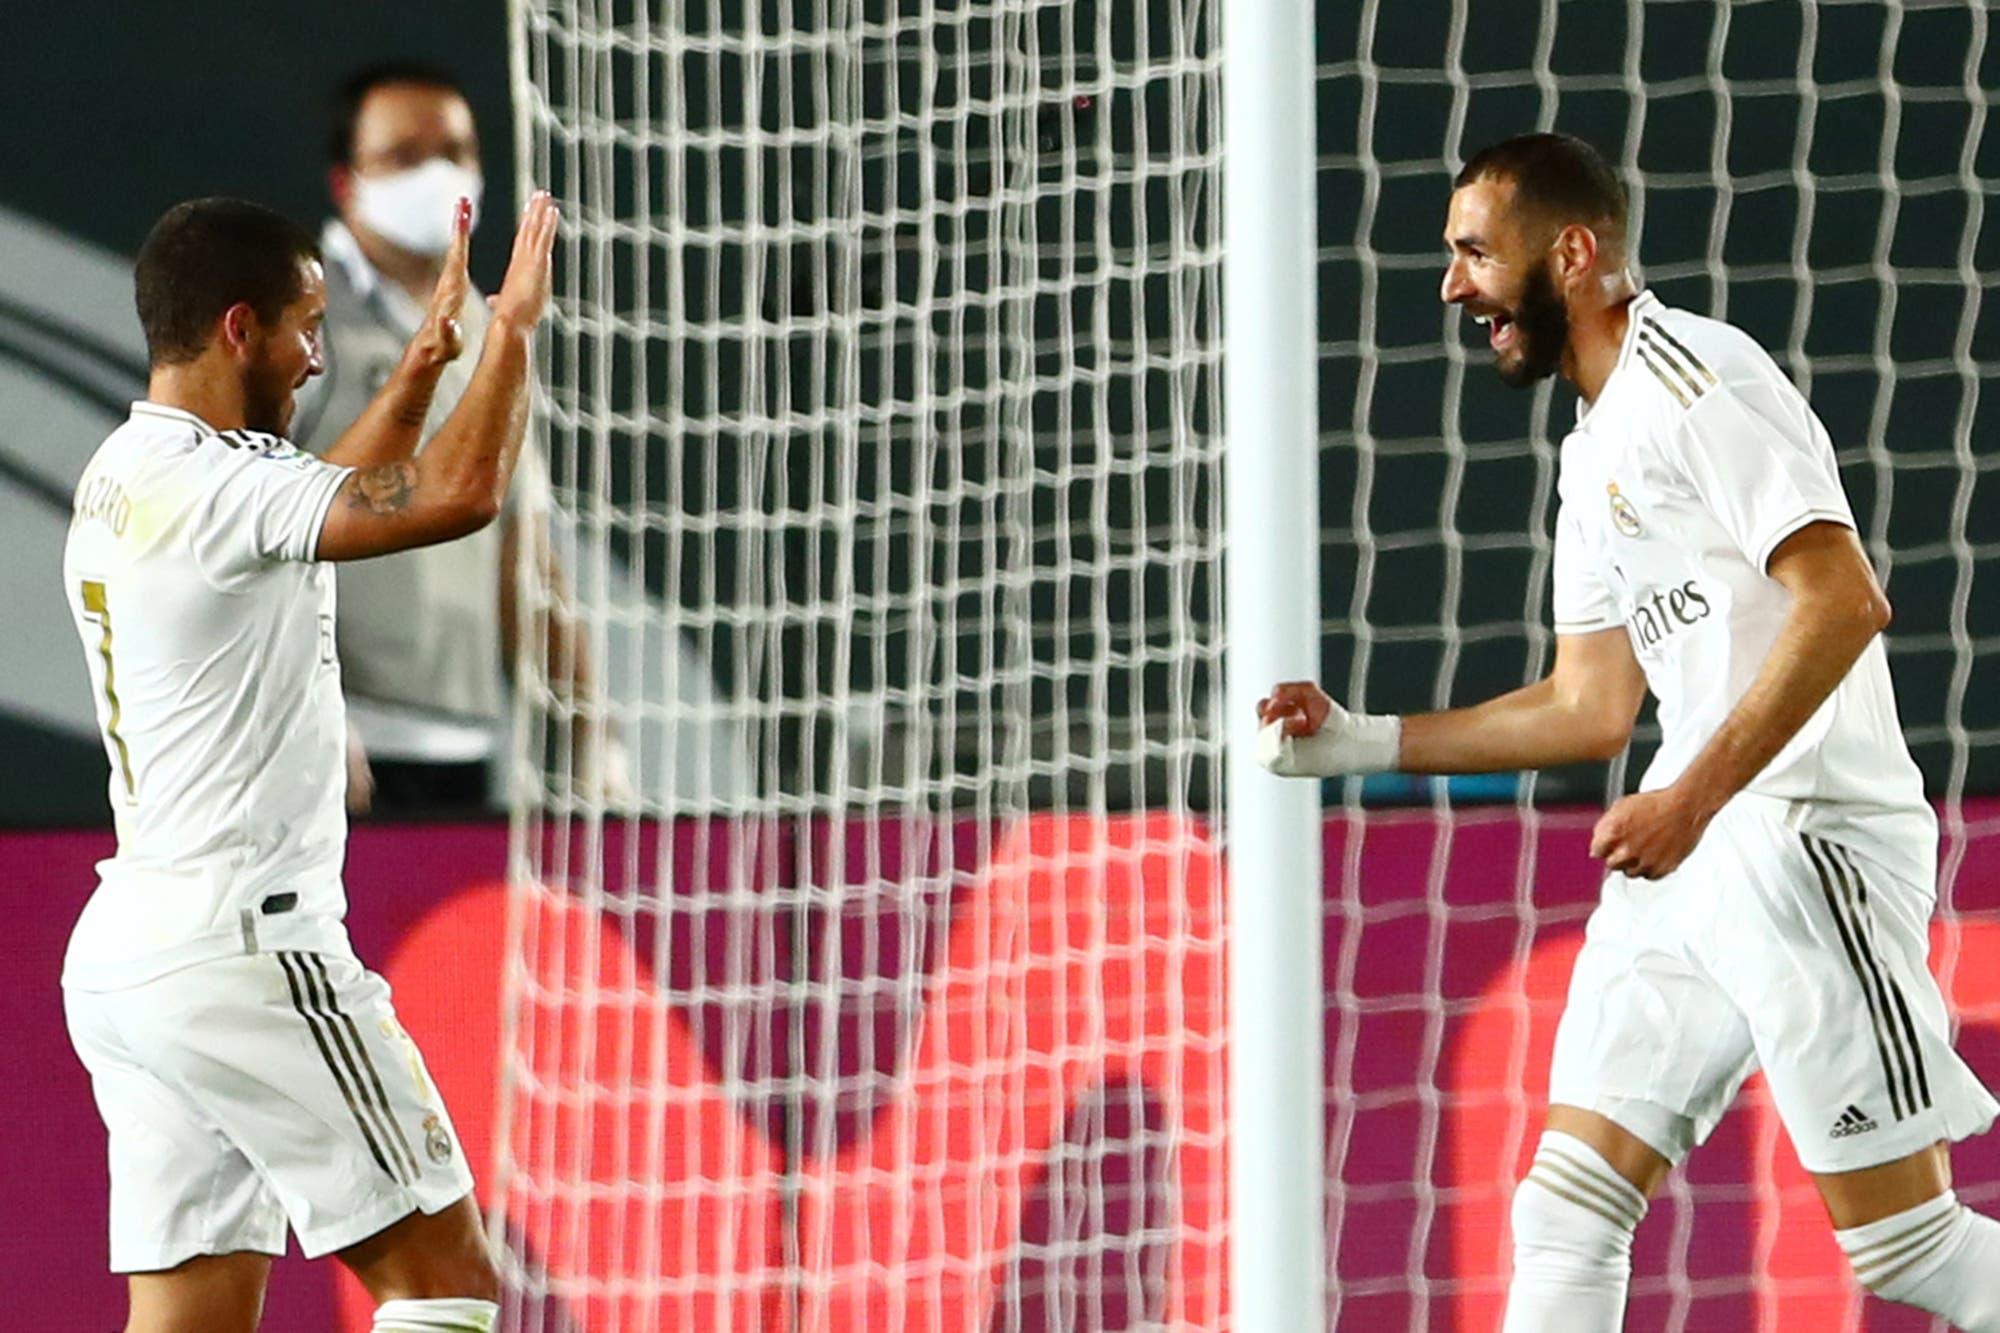 Real Madrid-Valencia, por la Liga de España: los de Zidane ganaron 3-0 con el brillo de Benzema y siguen de cerca a Barcelona